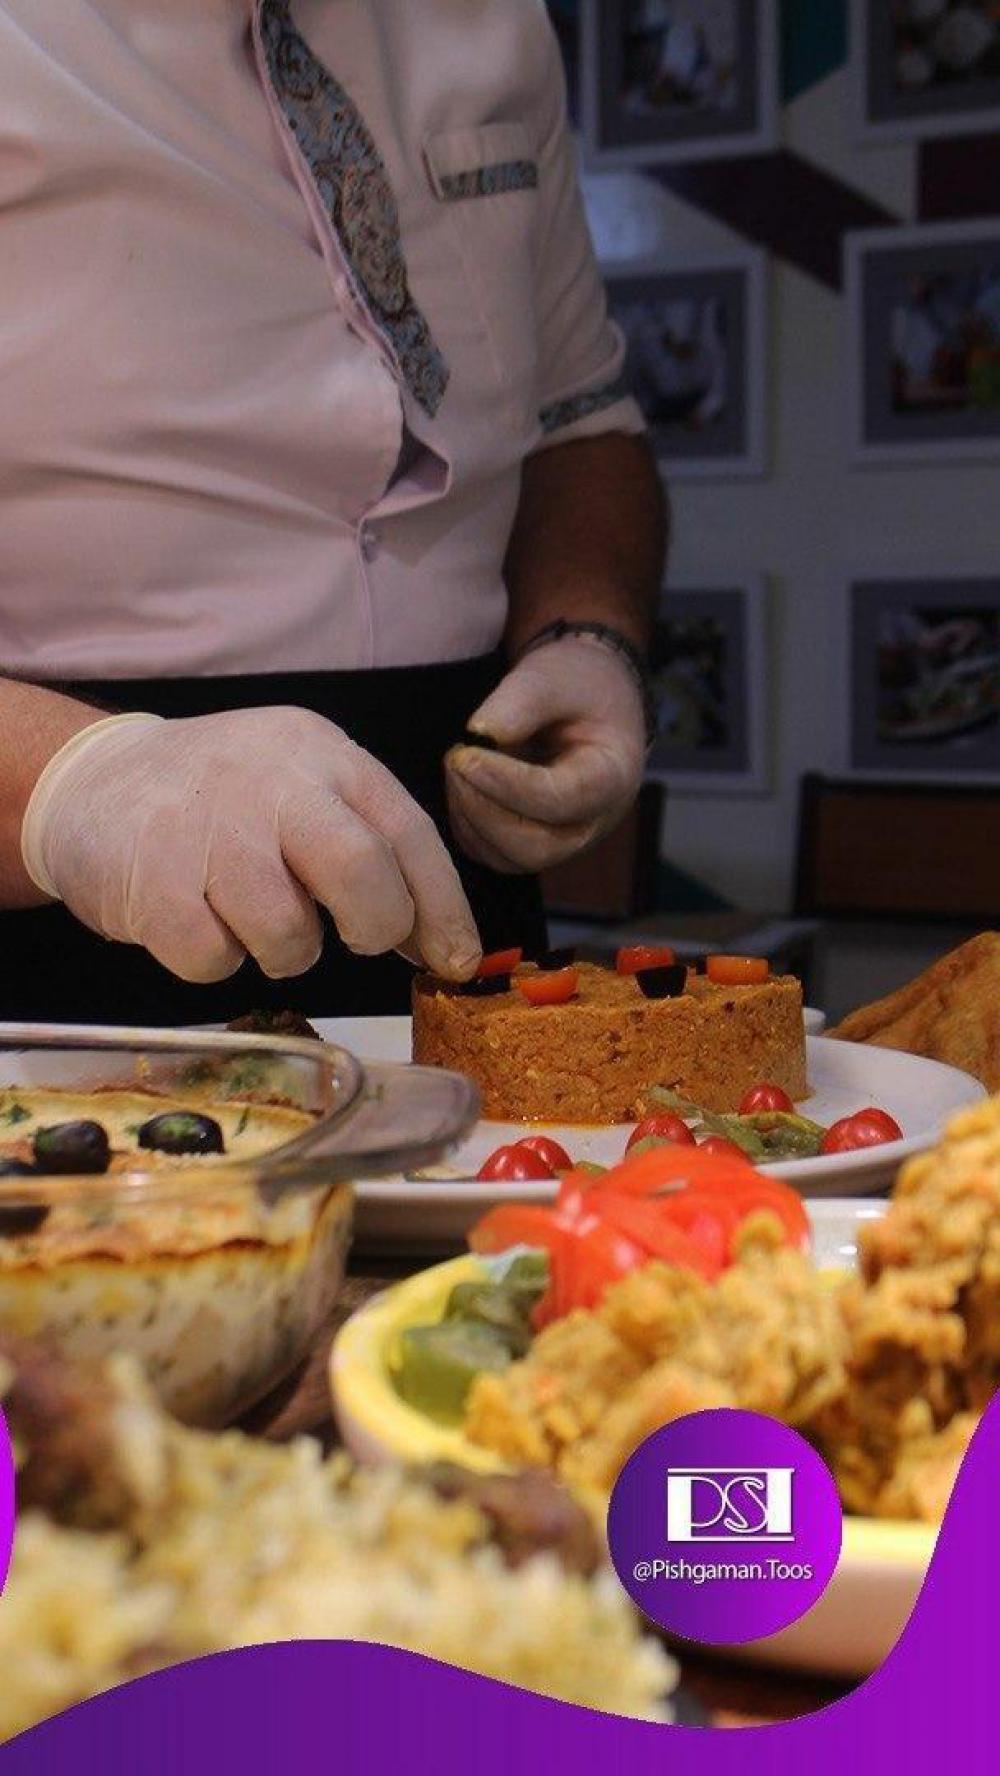 اولین دوره ی کلاس آنلاین آشپزی در تاریخ های 27 و 28 ام فروردین با تدریس شف مقدم